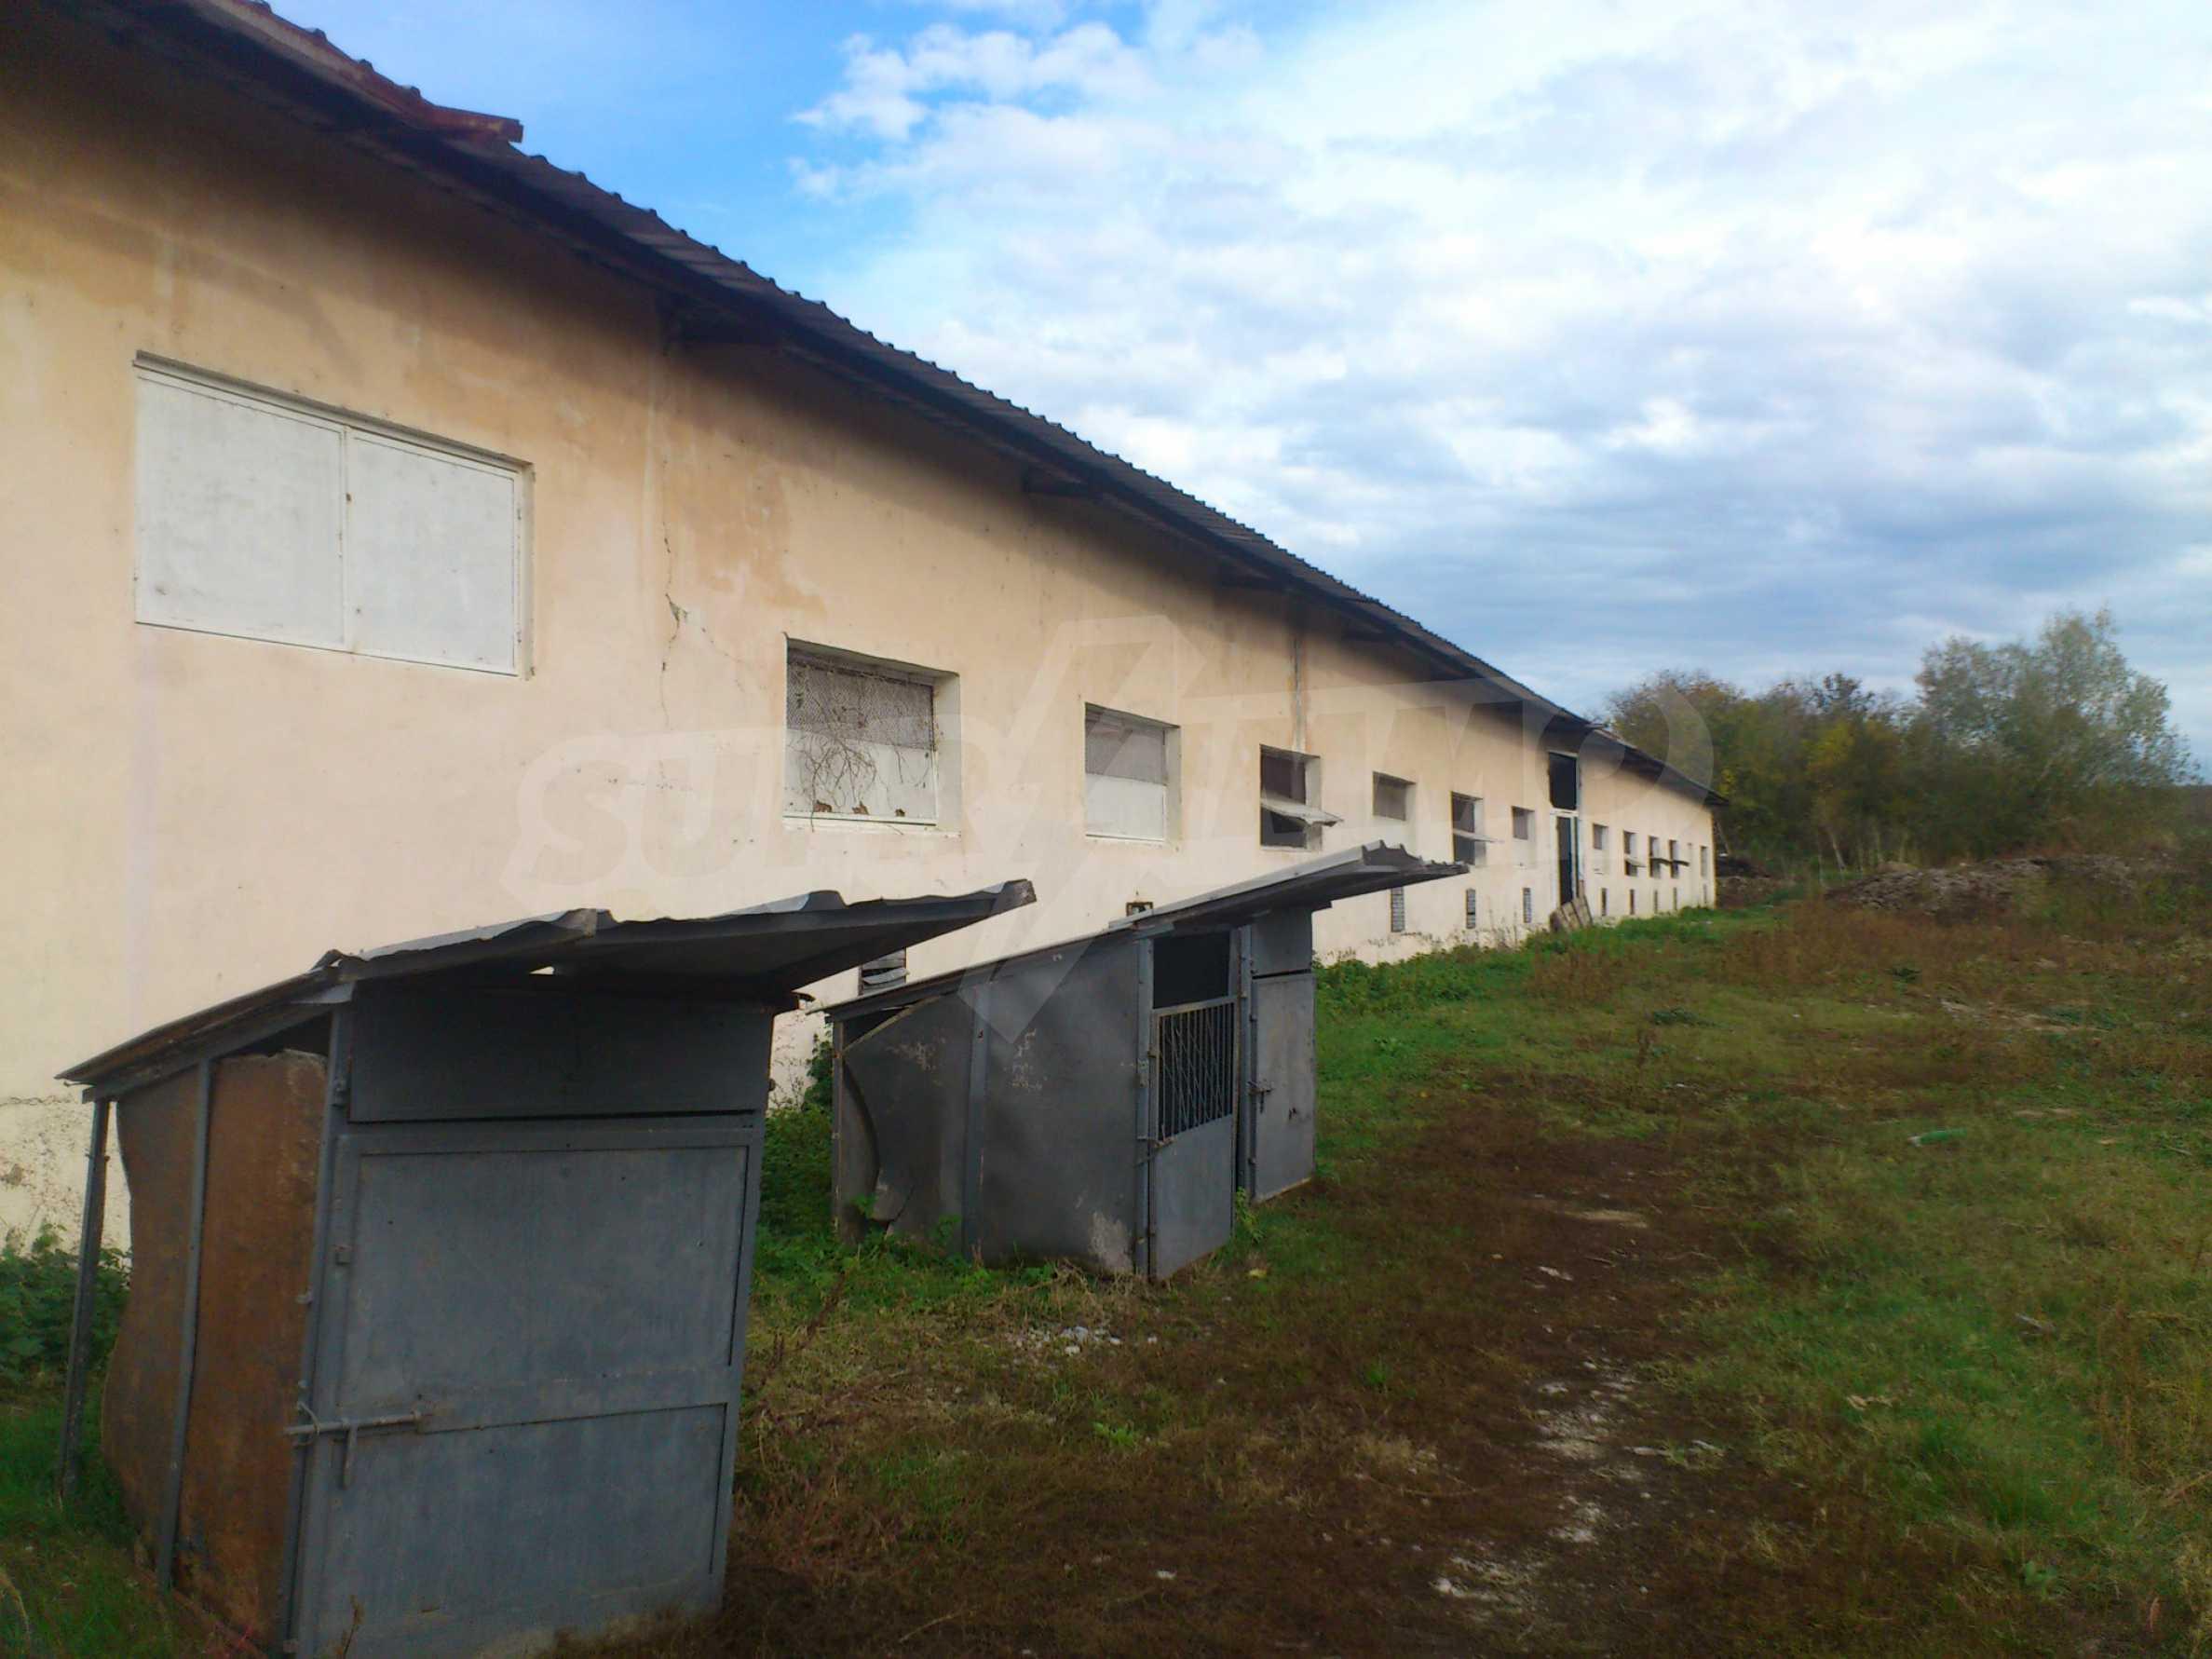 Neues Bauernhaus in einem Dorf in der Nähe von Veliko Tarnovo 2